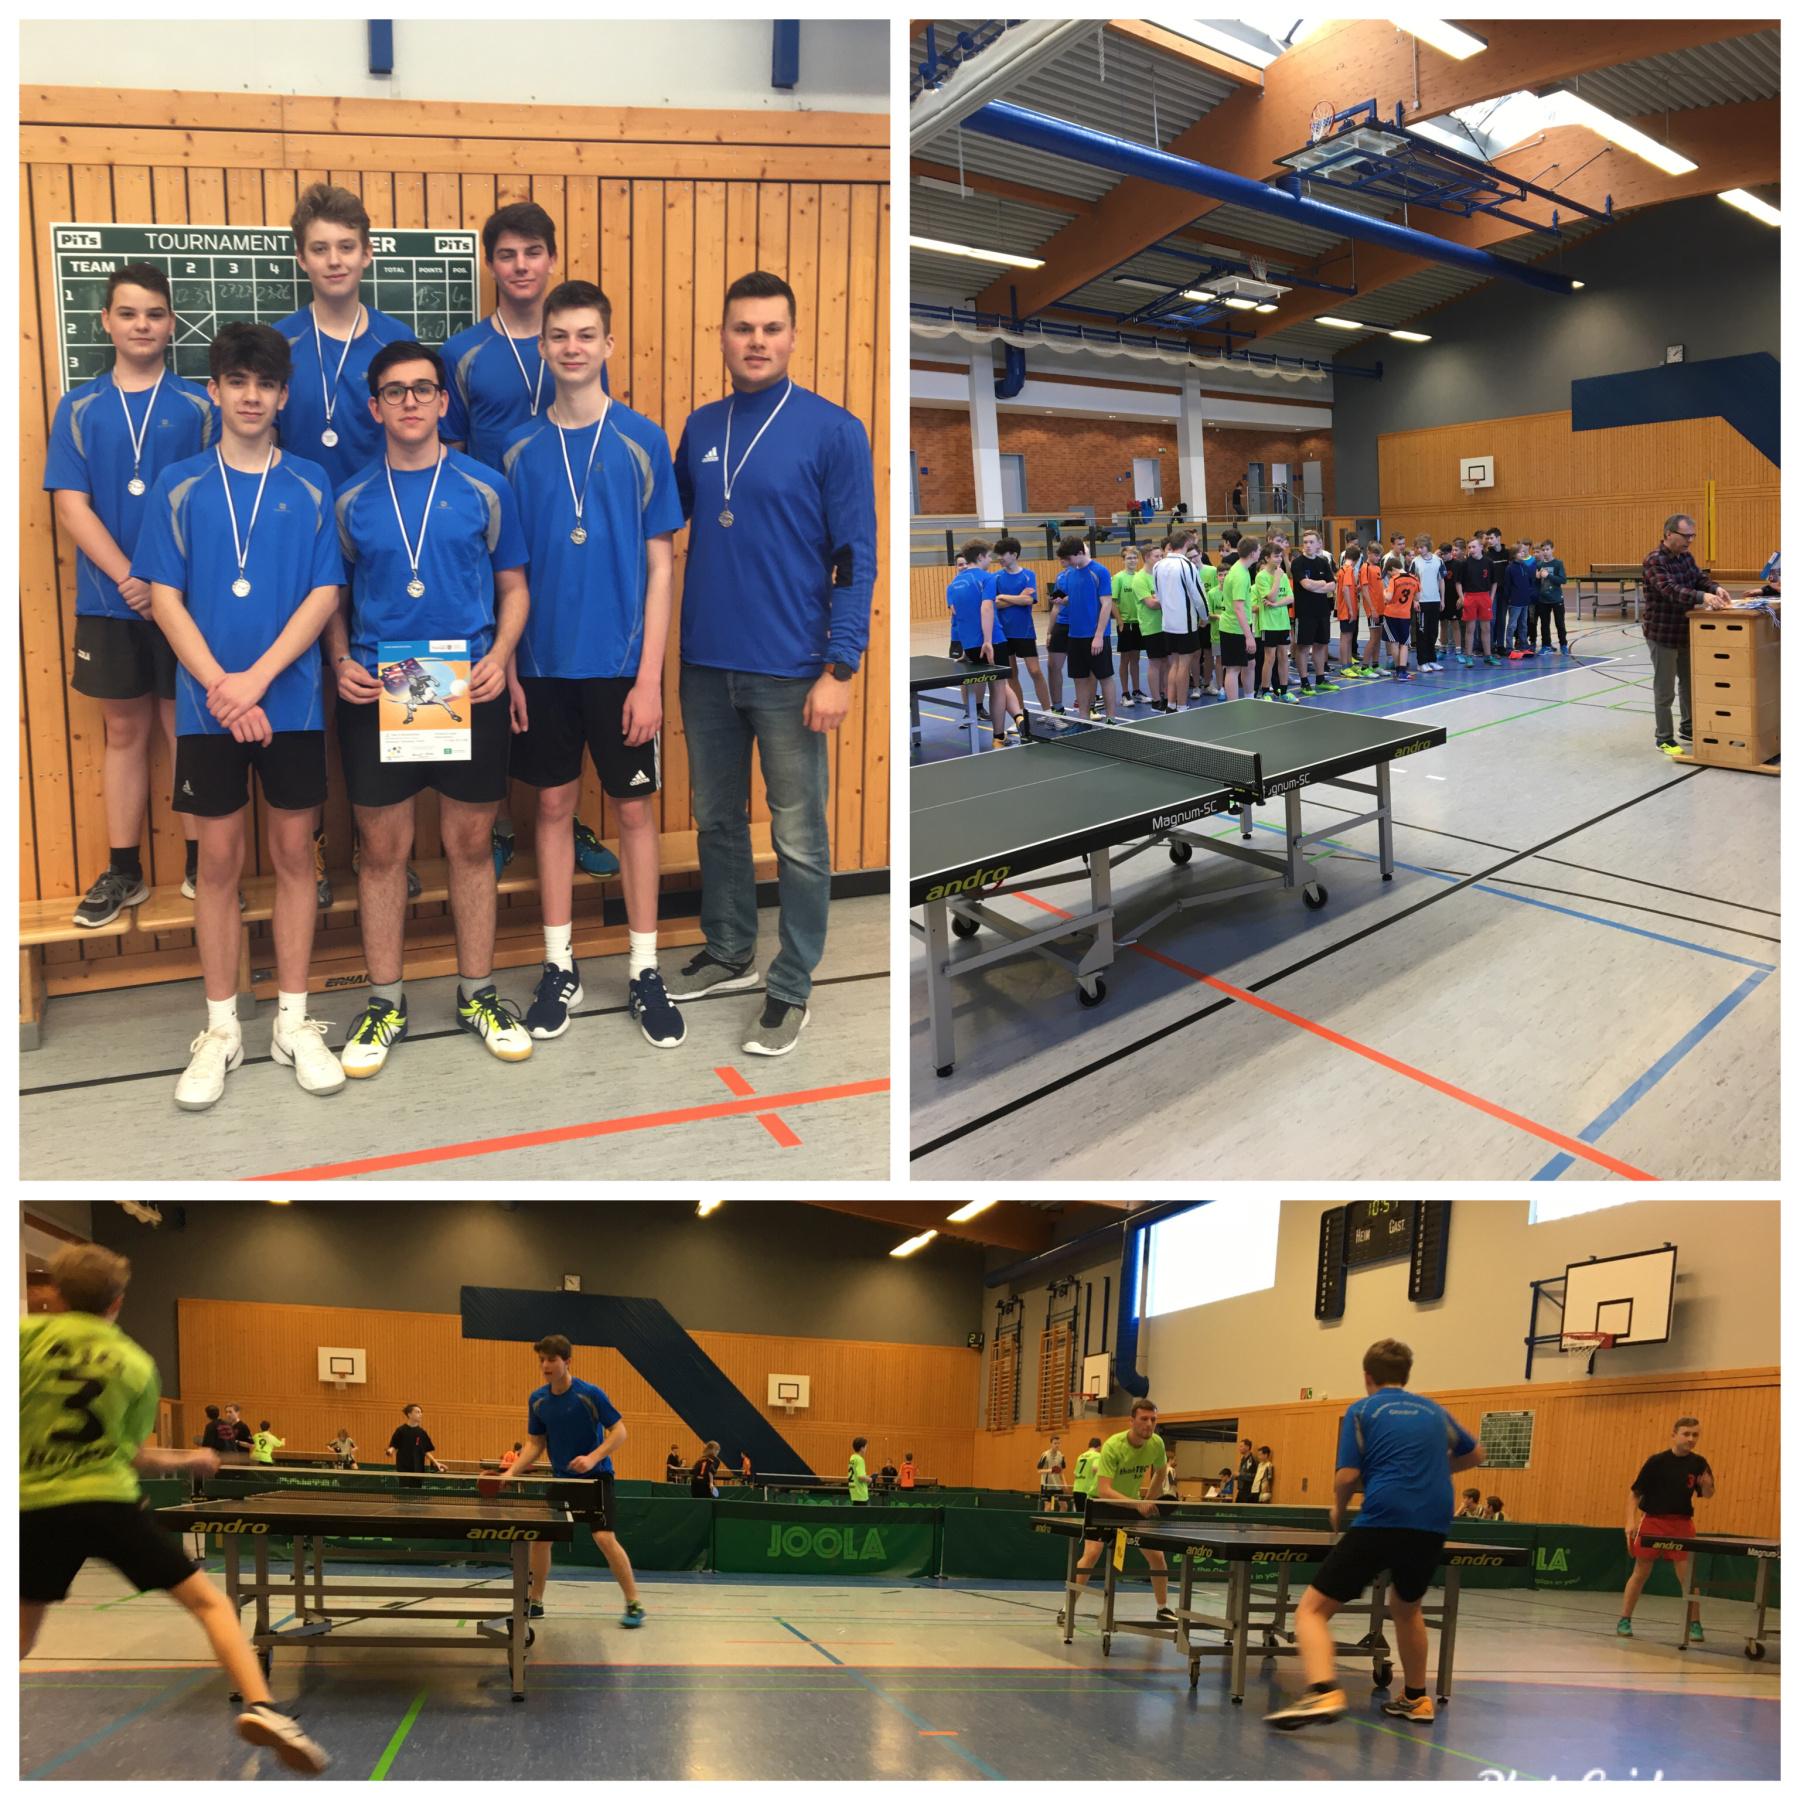 Platz 2 im Schulamtsfinale Tischtennis